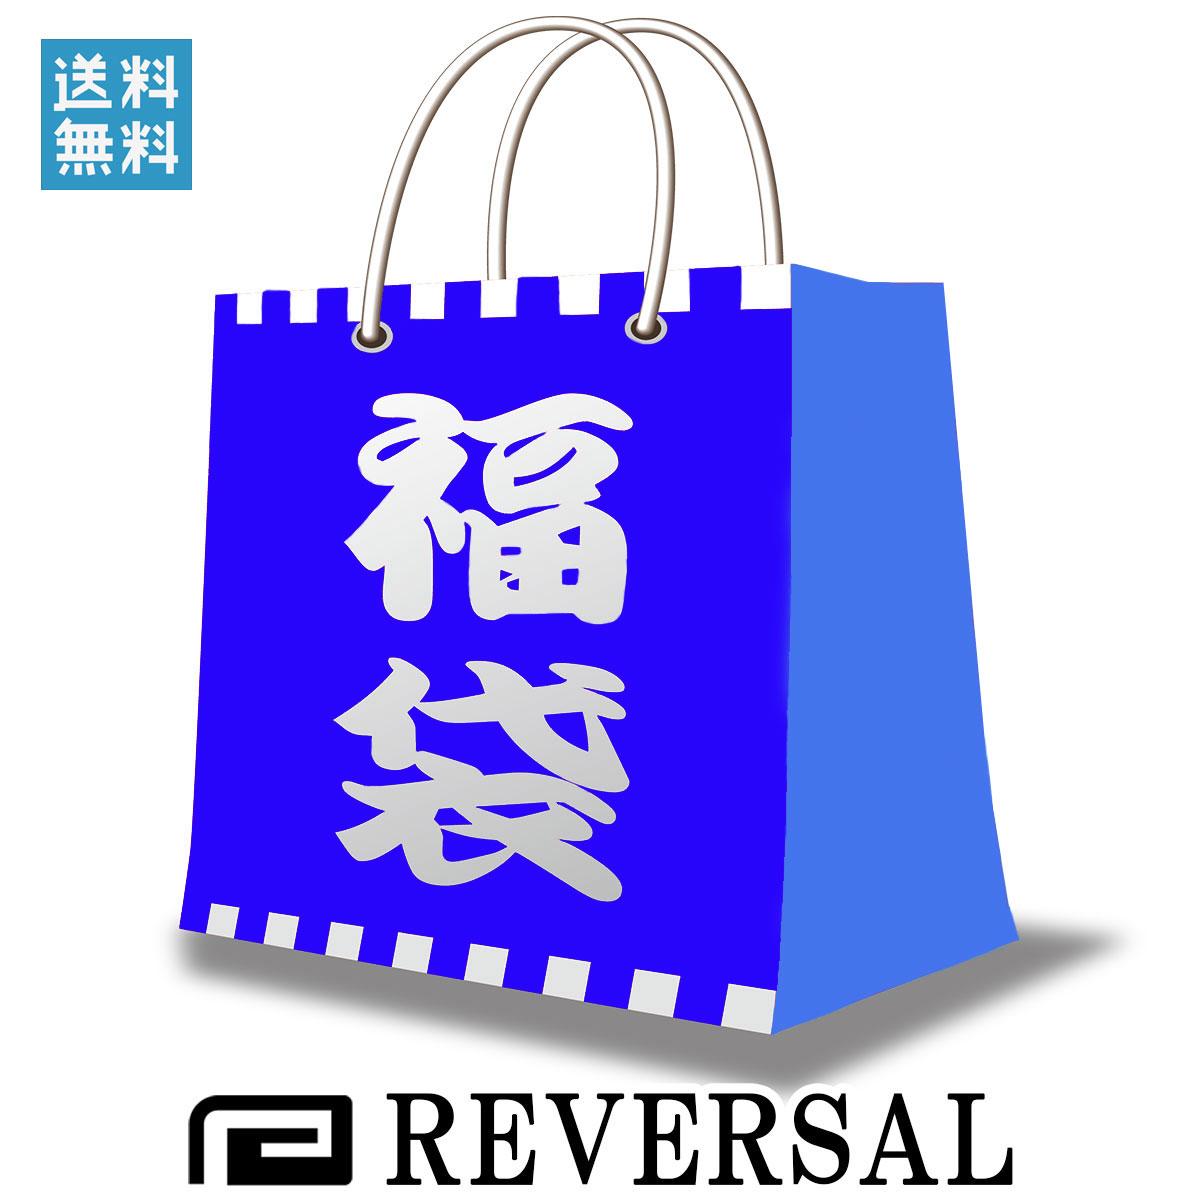 福袋 2020 リバーサル REVERSAL 正規販売店 50000円相当です 年末から年始にかけて順次発送 ハッピーバッグ A06B B1C C0D